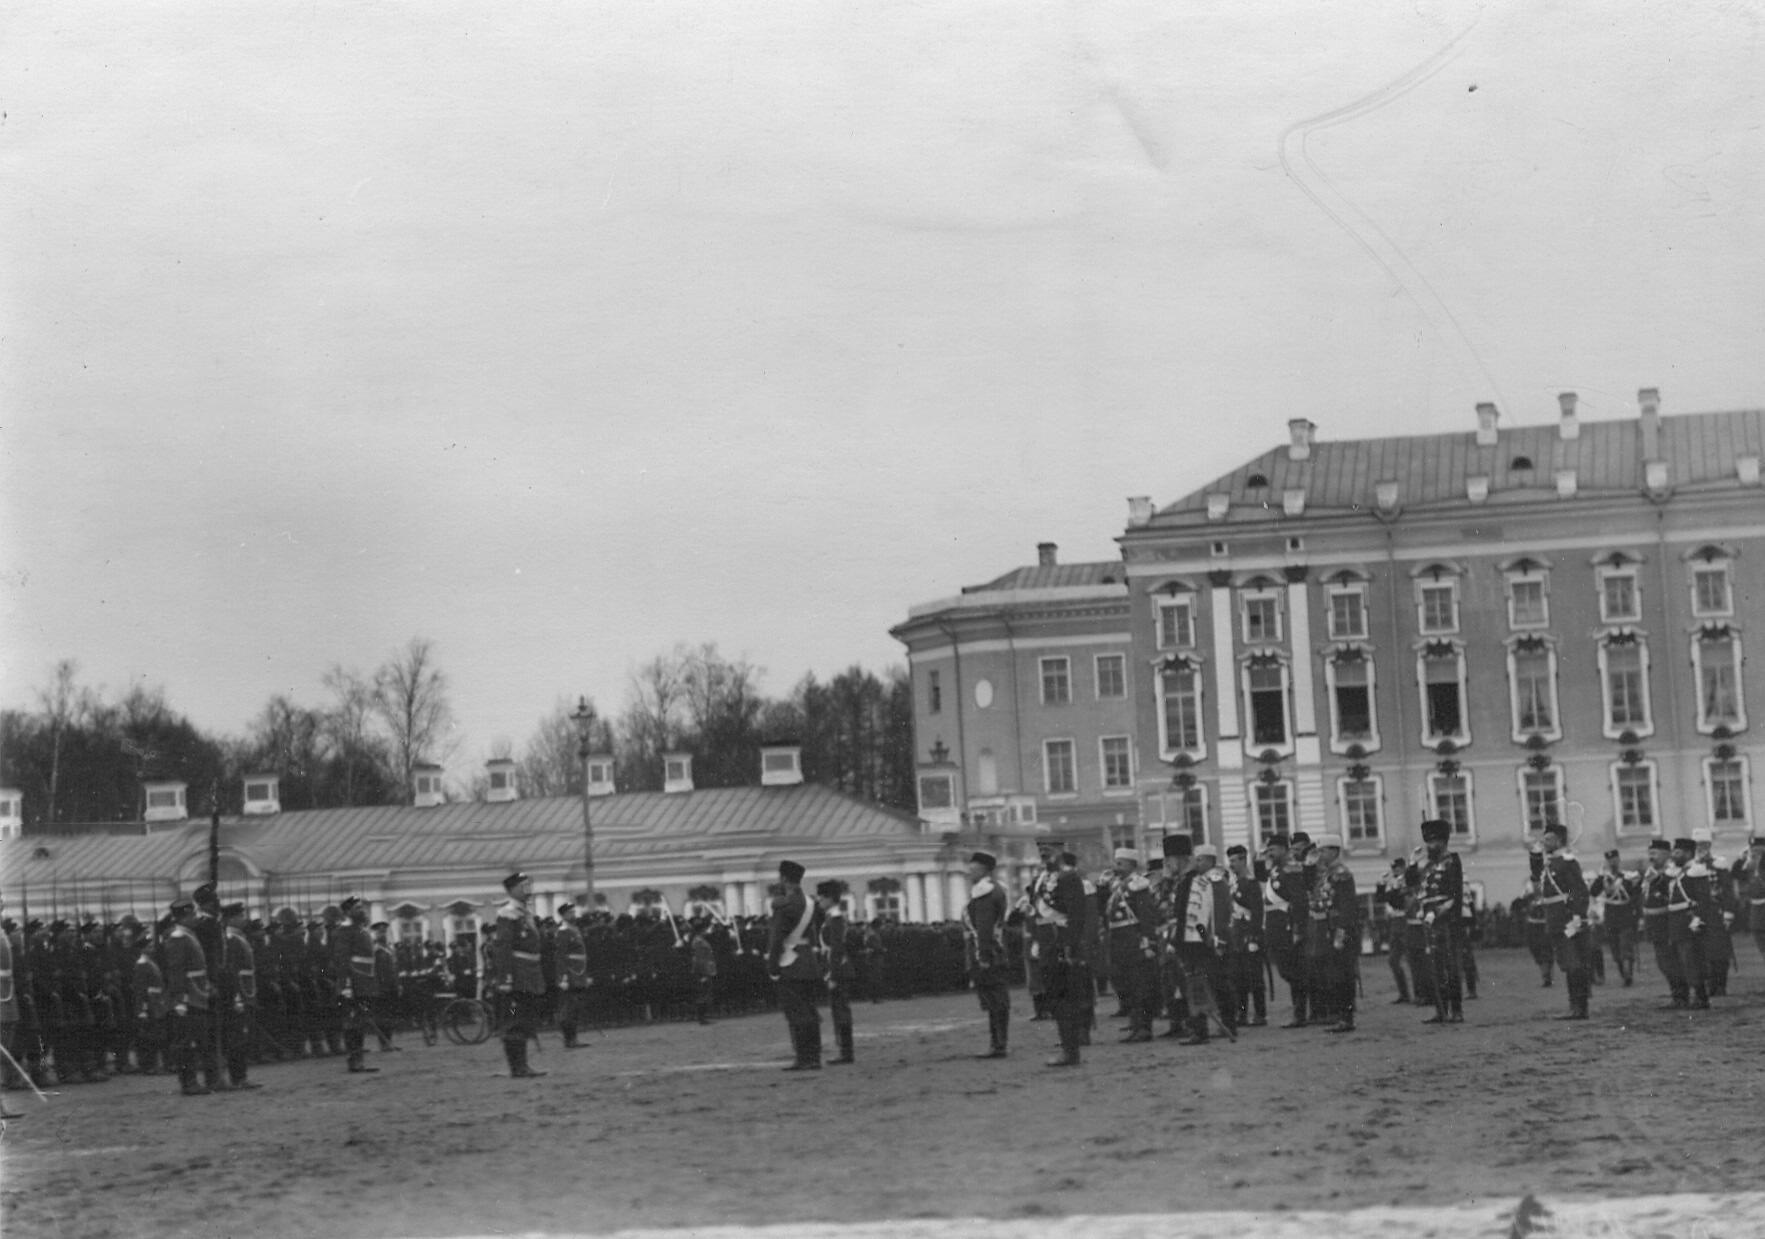 Император Николай II, великий князь Дмитрий Павлович (шеф батальона) здороваются со 2-ым Царскосельским стрелковым батальоном .